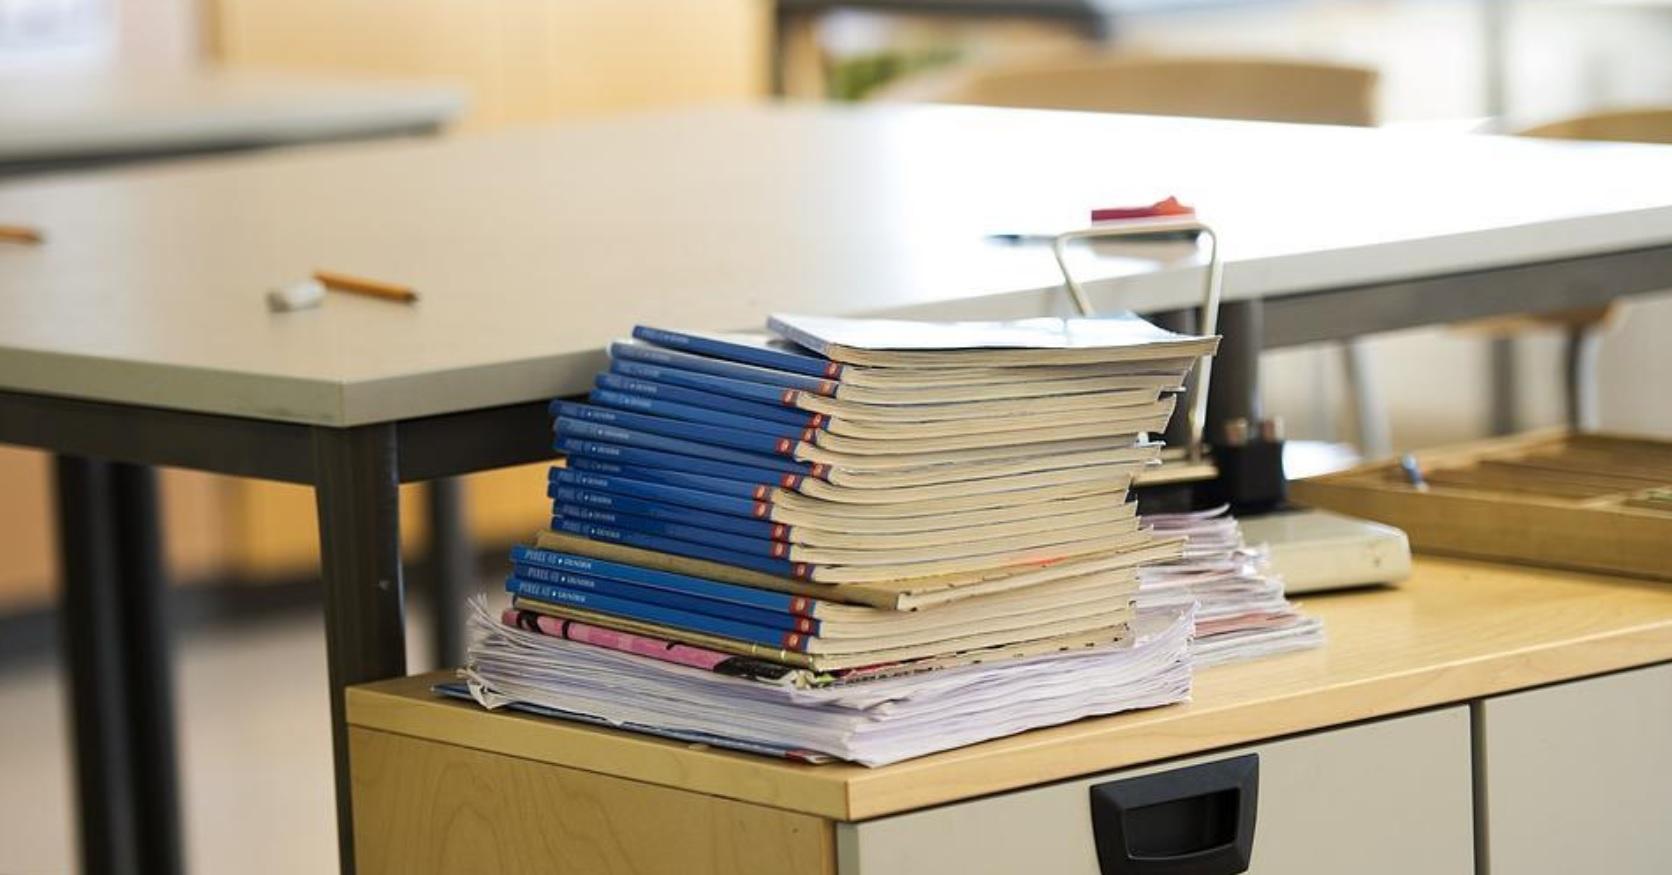 Skola I Industriomrade Kan Tvingas Stanga Doldanyheter Se